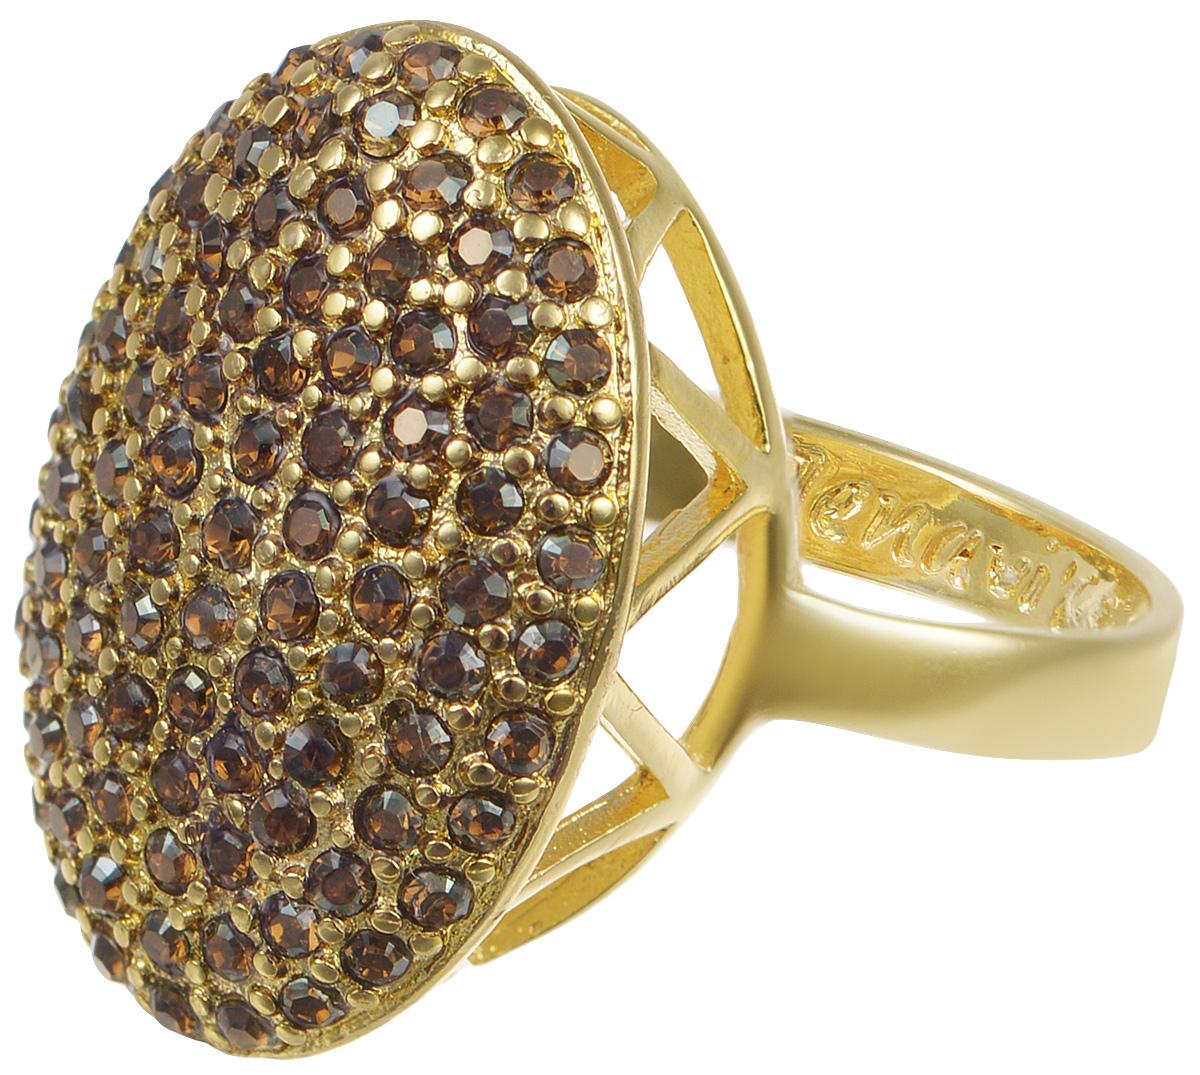 Кольцо Jenavi Мириада. Гросс, цвет: золотой. r633p033. Размер 18r633p033Кольцо Jenavi Гросс из коллекции Мириада изготовлено из гипоаллергенного ювелирного сплава с позолотой и украшено яркими кристаллами Swarovski. Это кольцо никогда не затеряется среди других ваших украшений, ведь сверкающие кристаллы Swarovski и покрытие из настоящего золота выглядят роскошно и очень дорого. Кроме того, его изысканный дизайн так выгодно подчеркивает достоинства кристаллов, что они не уступают своей красотой драгоценным камням. В новой коллекции Мириада - бесчисленное количество кристаллов Swarovski разных размеров, цветов и оттенков. Они вдохновляют - на романтическое настроение, на смелые поступки, на позитивные эмоции. Они придают новое толкование всем известной истины - красоты никогда не бывает много! Мириада от Jenavi - удовольствие, которое может длиться вечно.